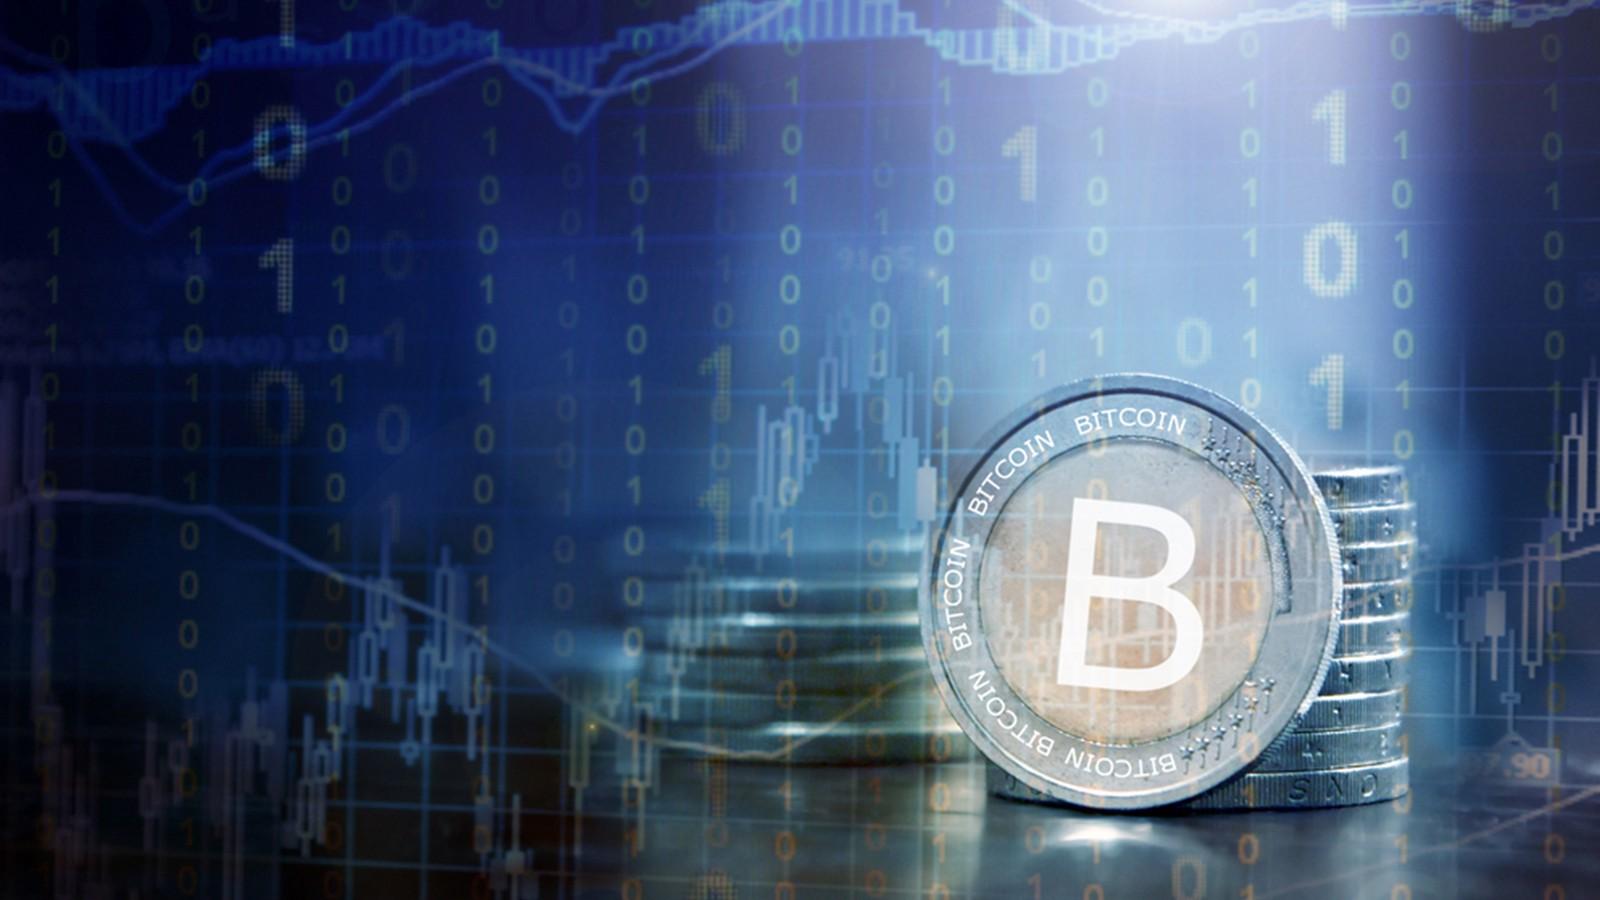 Технический специалист Huobi открывает новую биржу